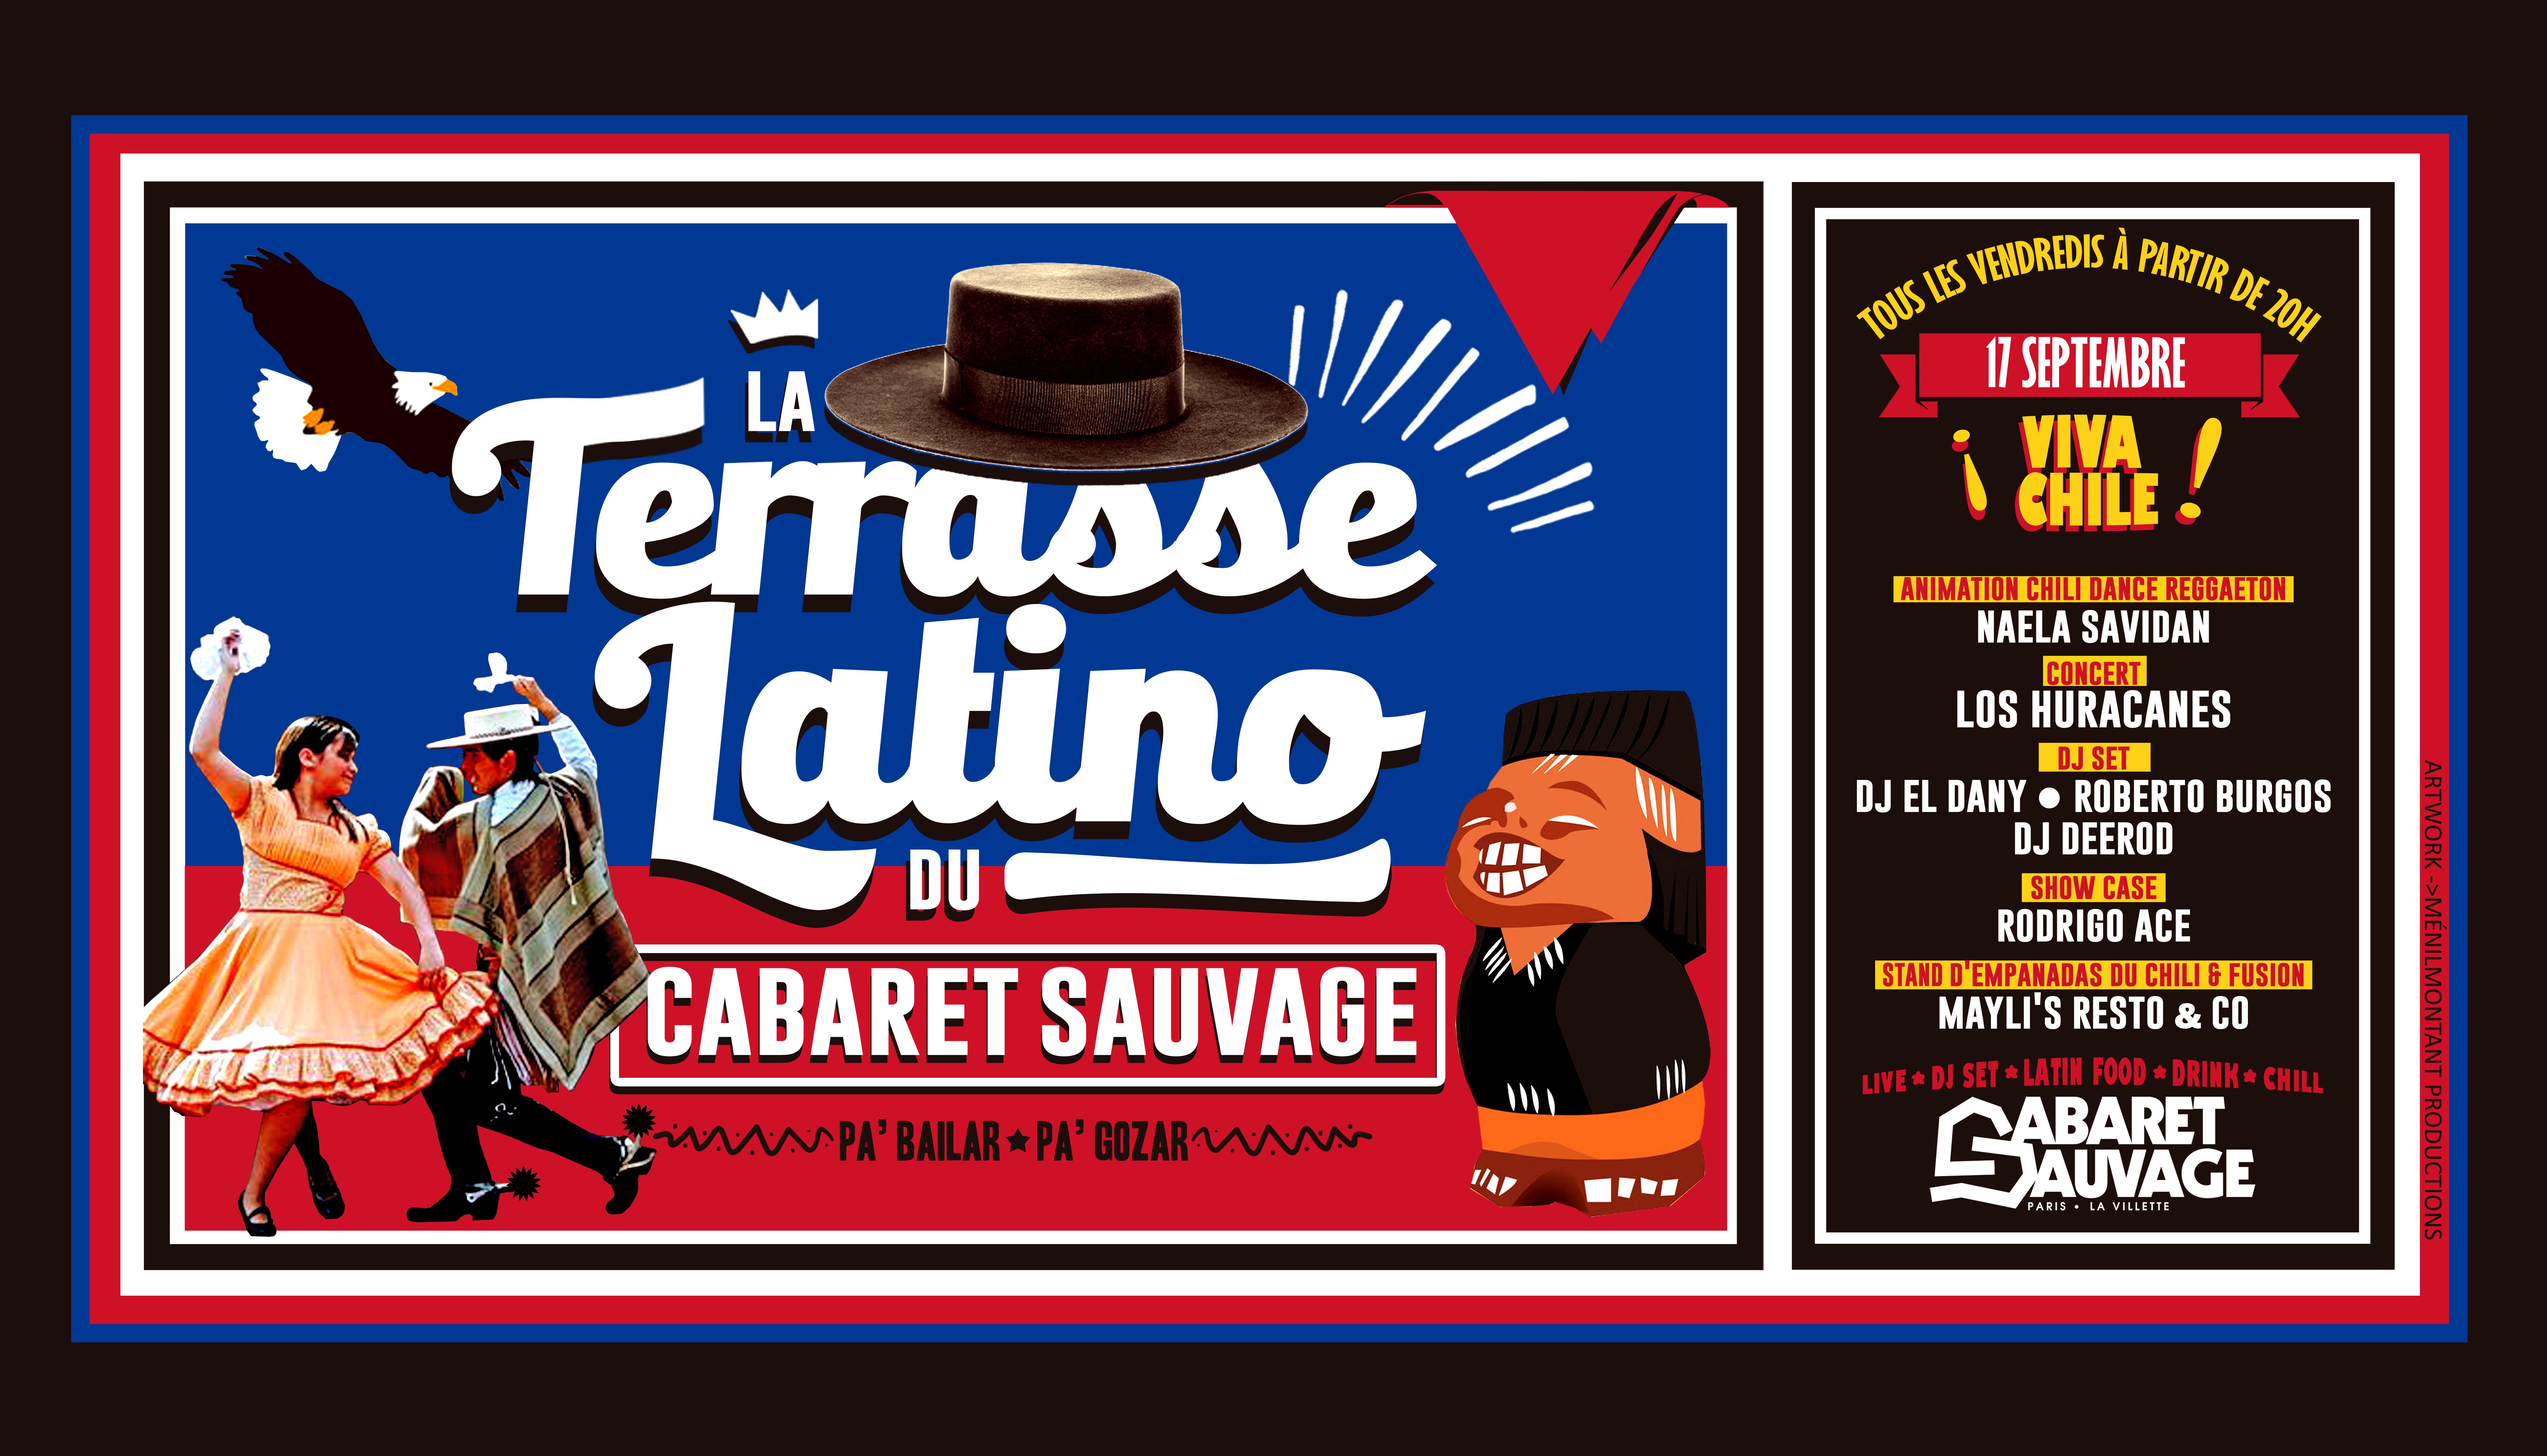 La Terrasse Latino du Cabaret Sauvage - Vendredi 17 Septembre 2021